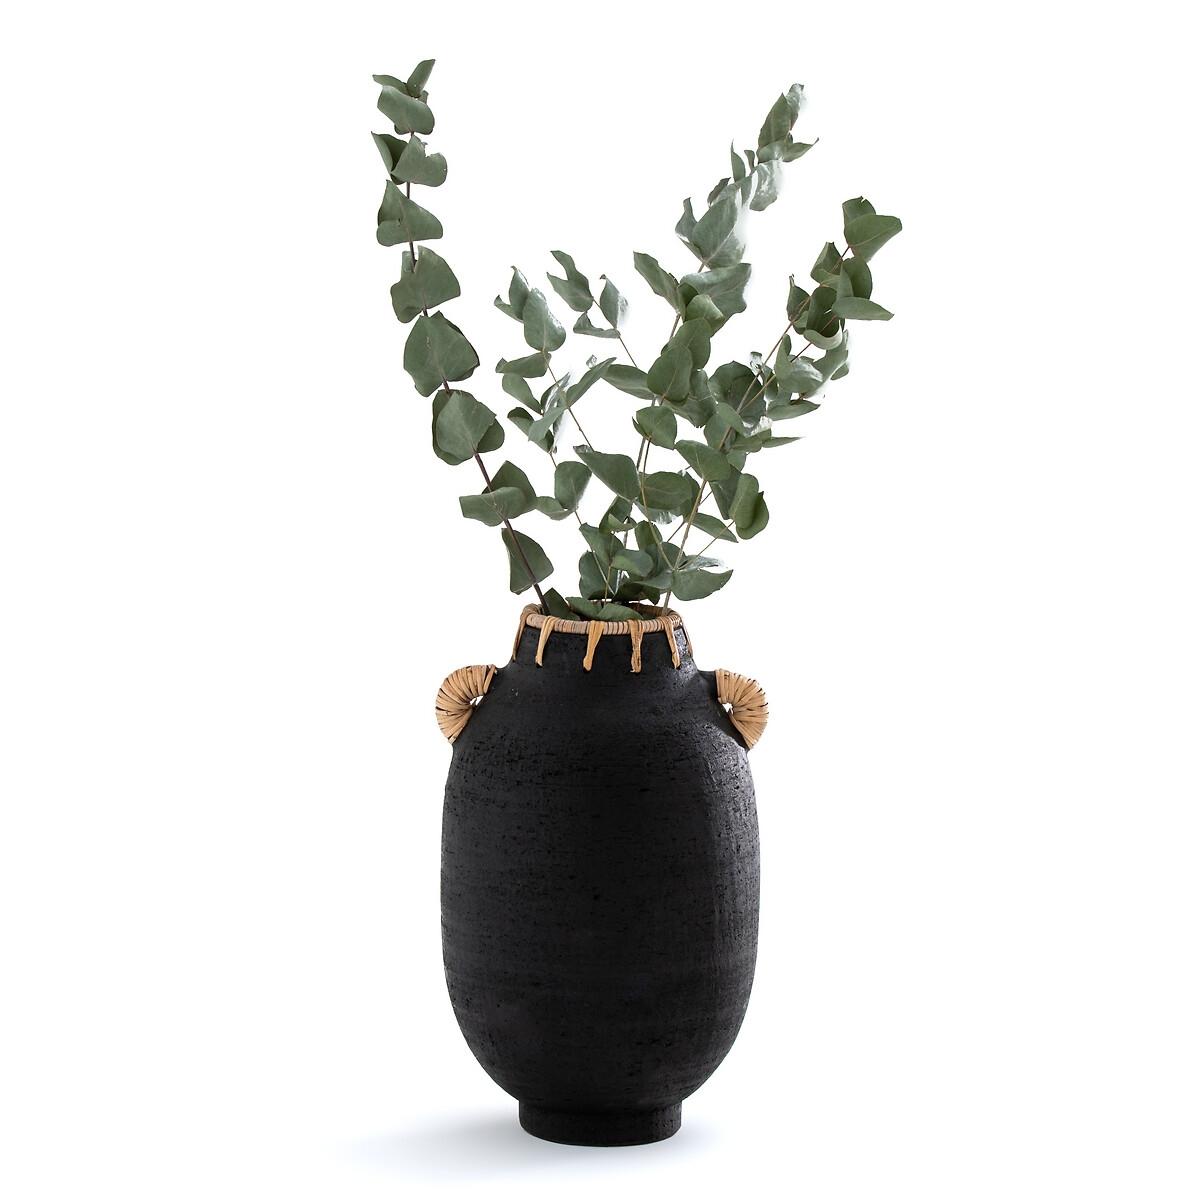 Ваза La Redoute Декоративная из керамики и ротанга В33 см Kuro единый размер черный